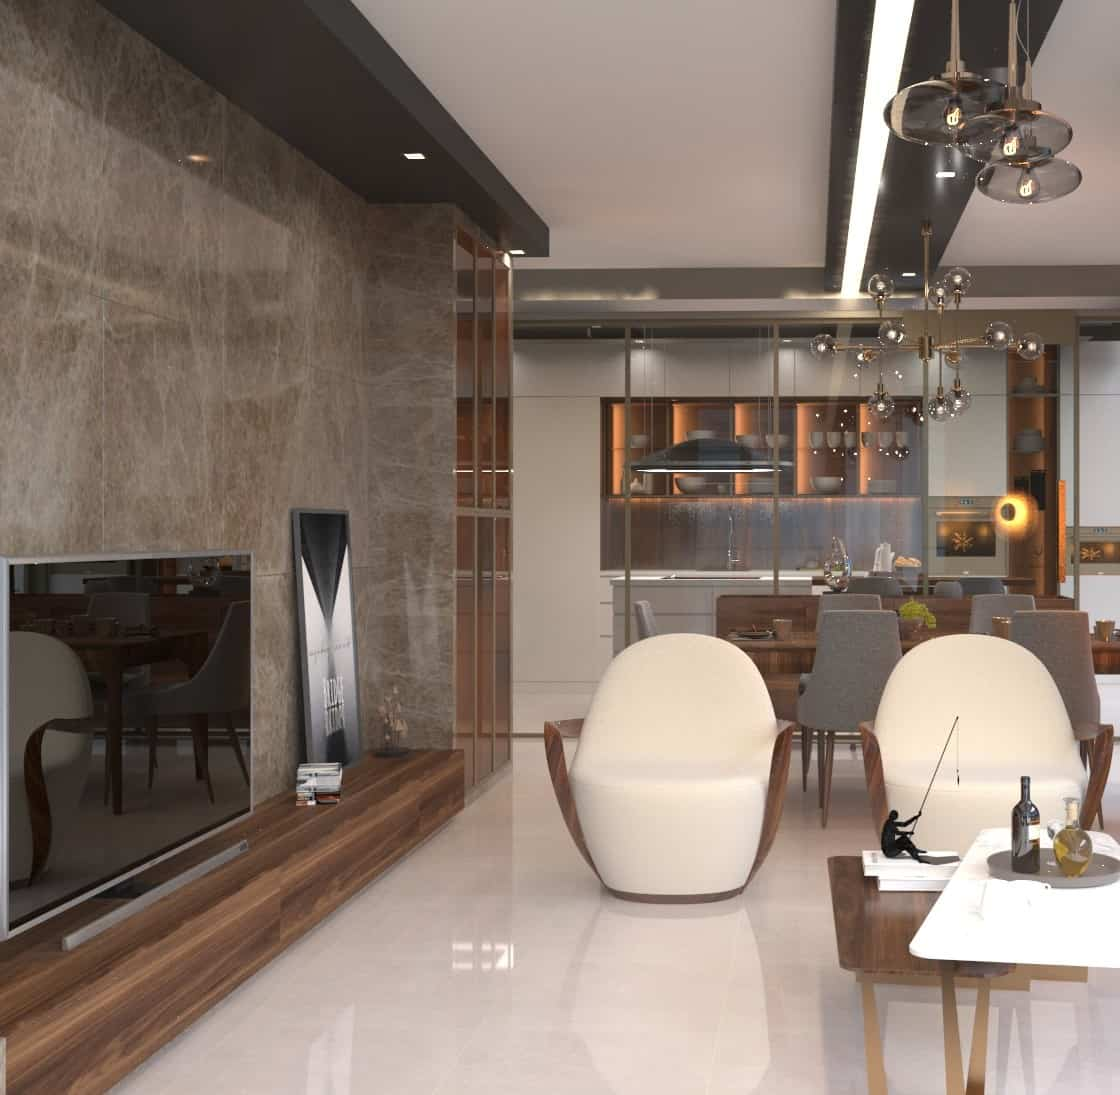 Резиденция класса люкс отельной концепции - Фото 13